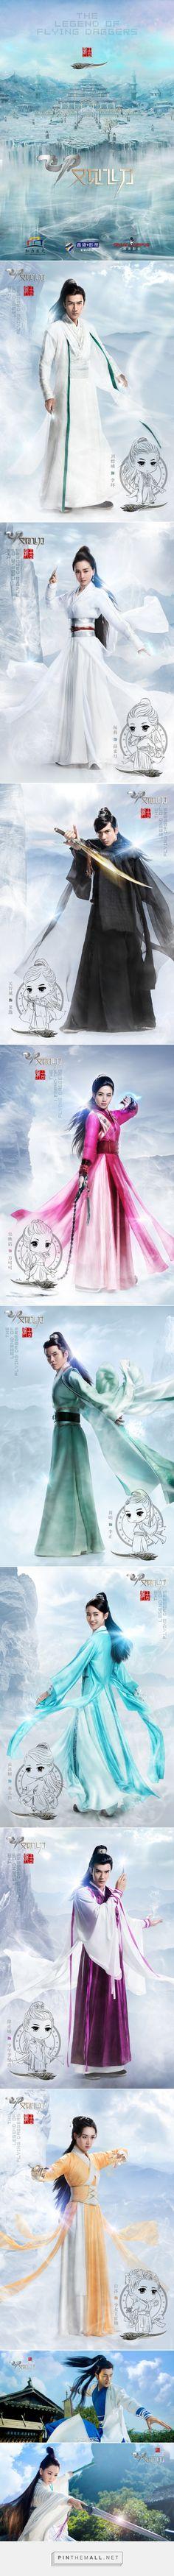 The Legend of Flying Daggers 《飞刀又见飞刀》 - Hawick Lau, Yang Rong, Gui Gui